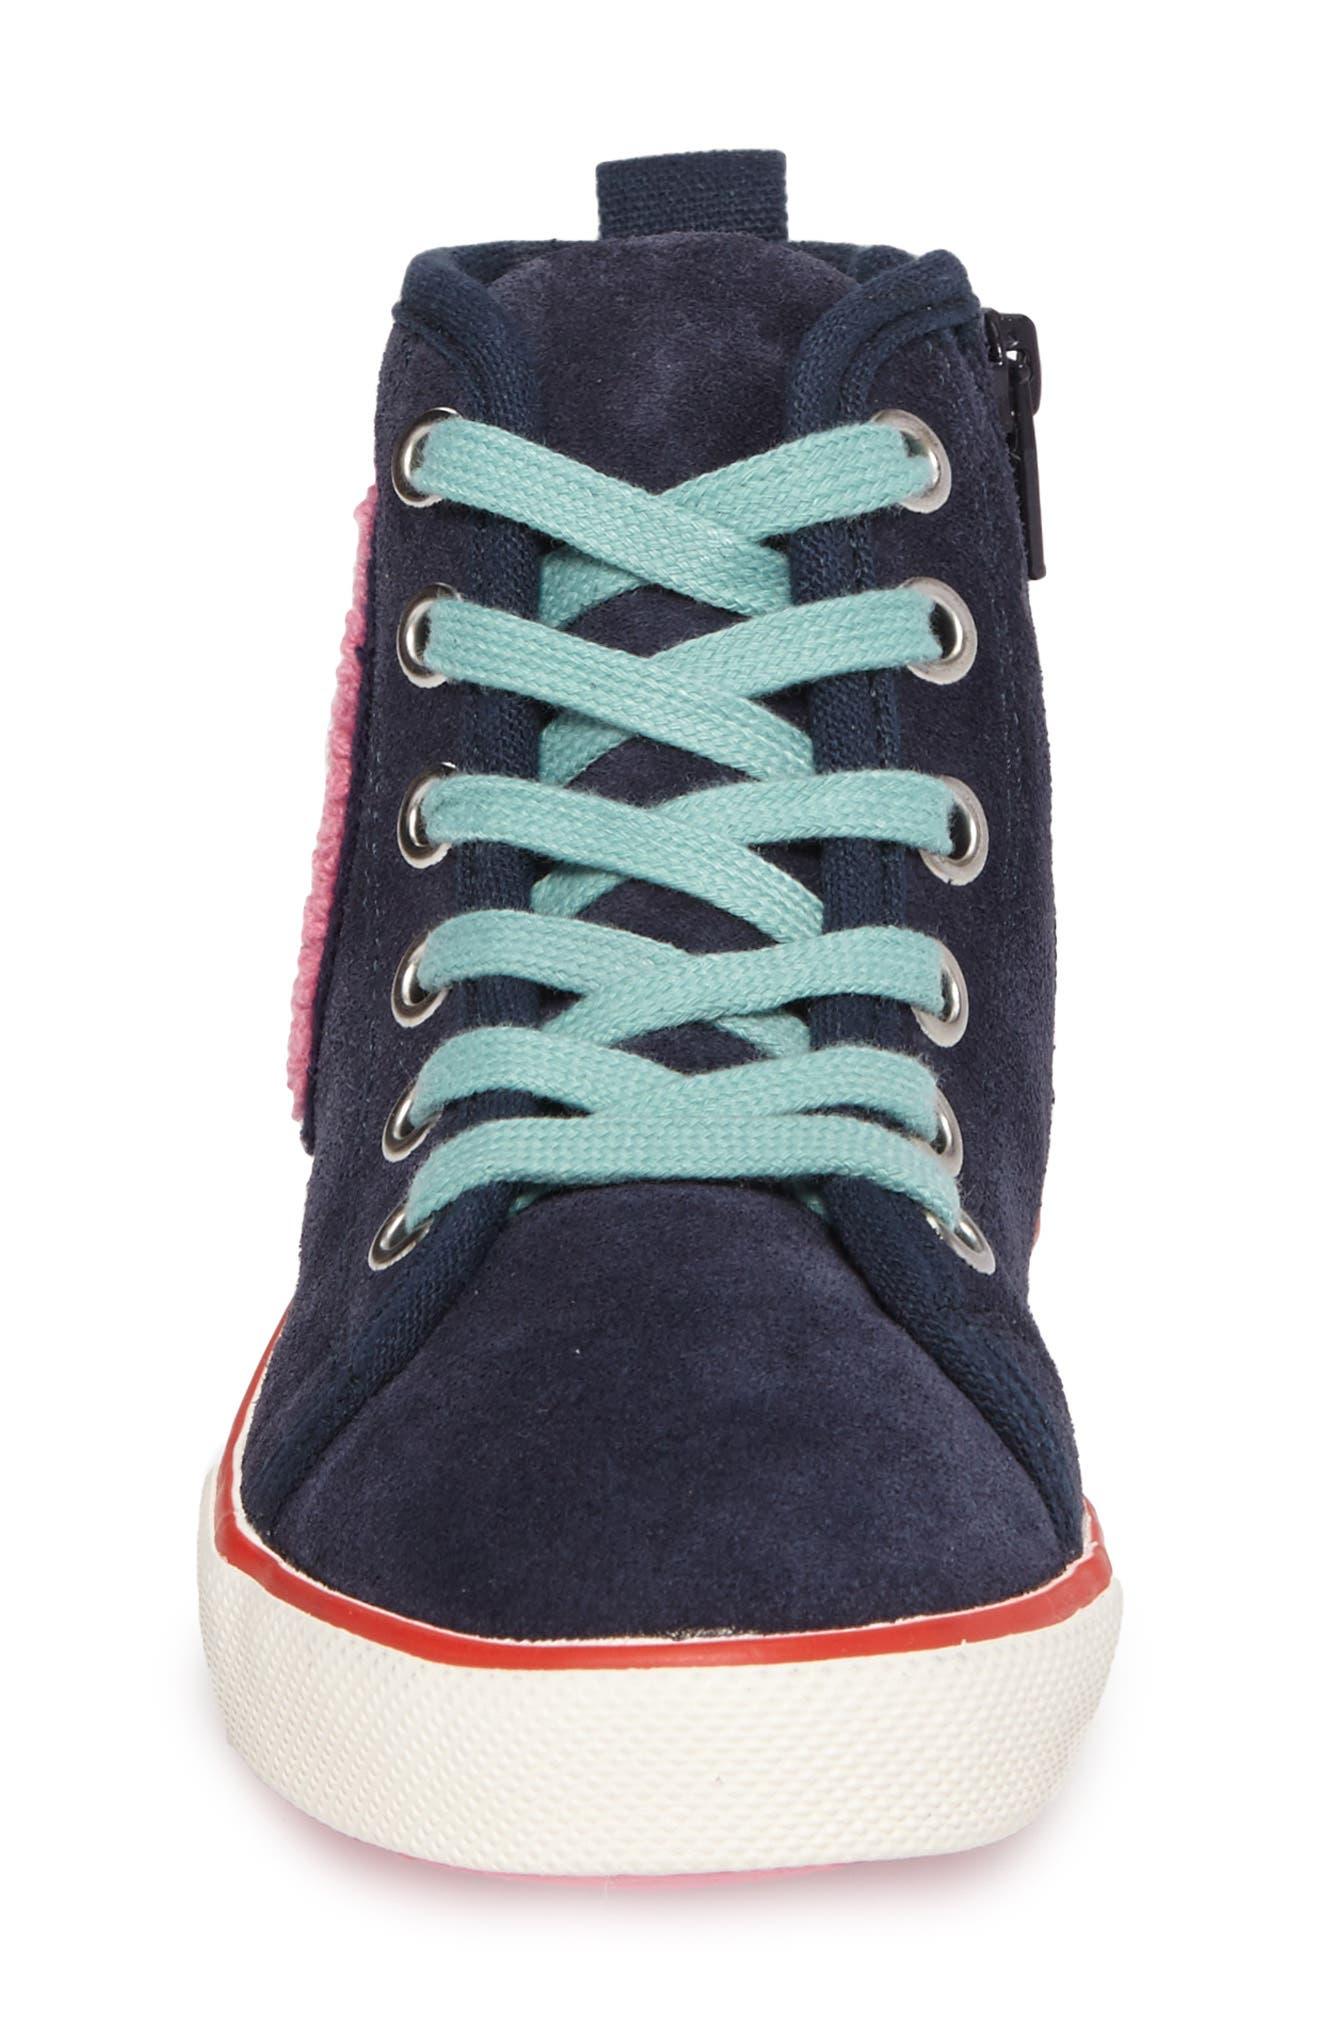 Alternate Image 4  - Mini Boden Embellished High Top Sneaker (Toddler, Little Kid & Big Kid)